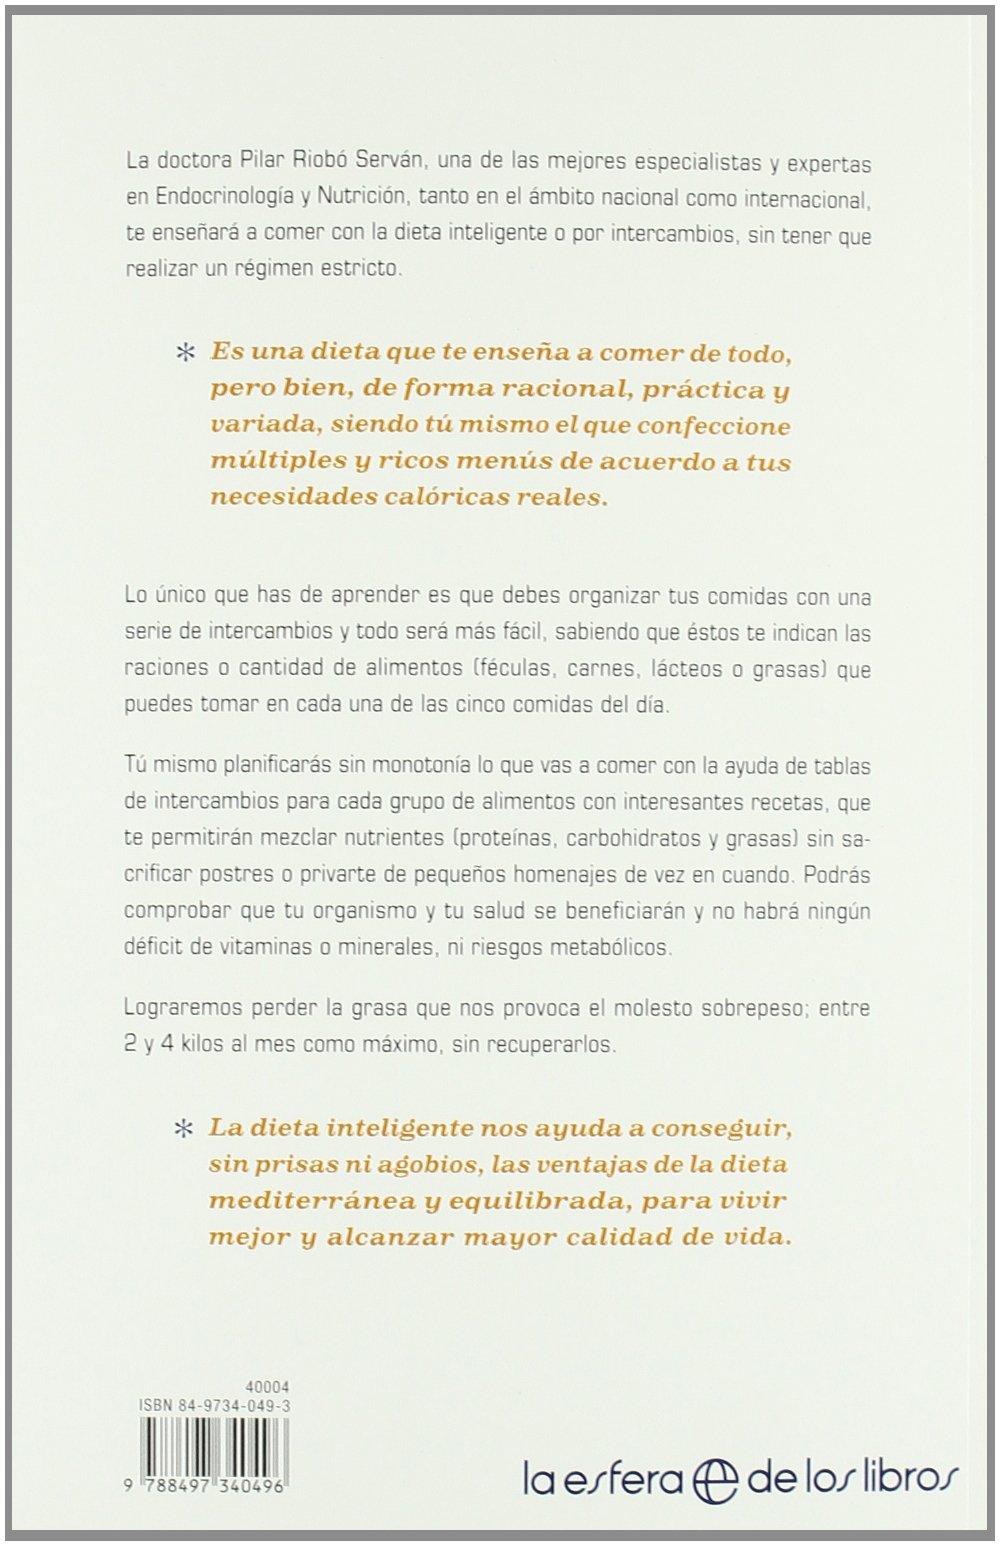 Dieta inteligente, la (Psicologia Y Salud (esfera)): Amazon.es: Pilar Riobo Servan: Libros